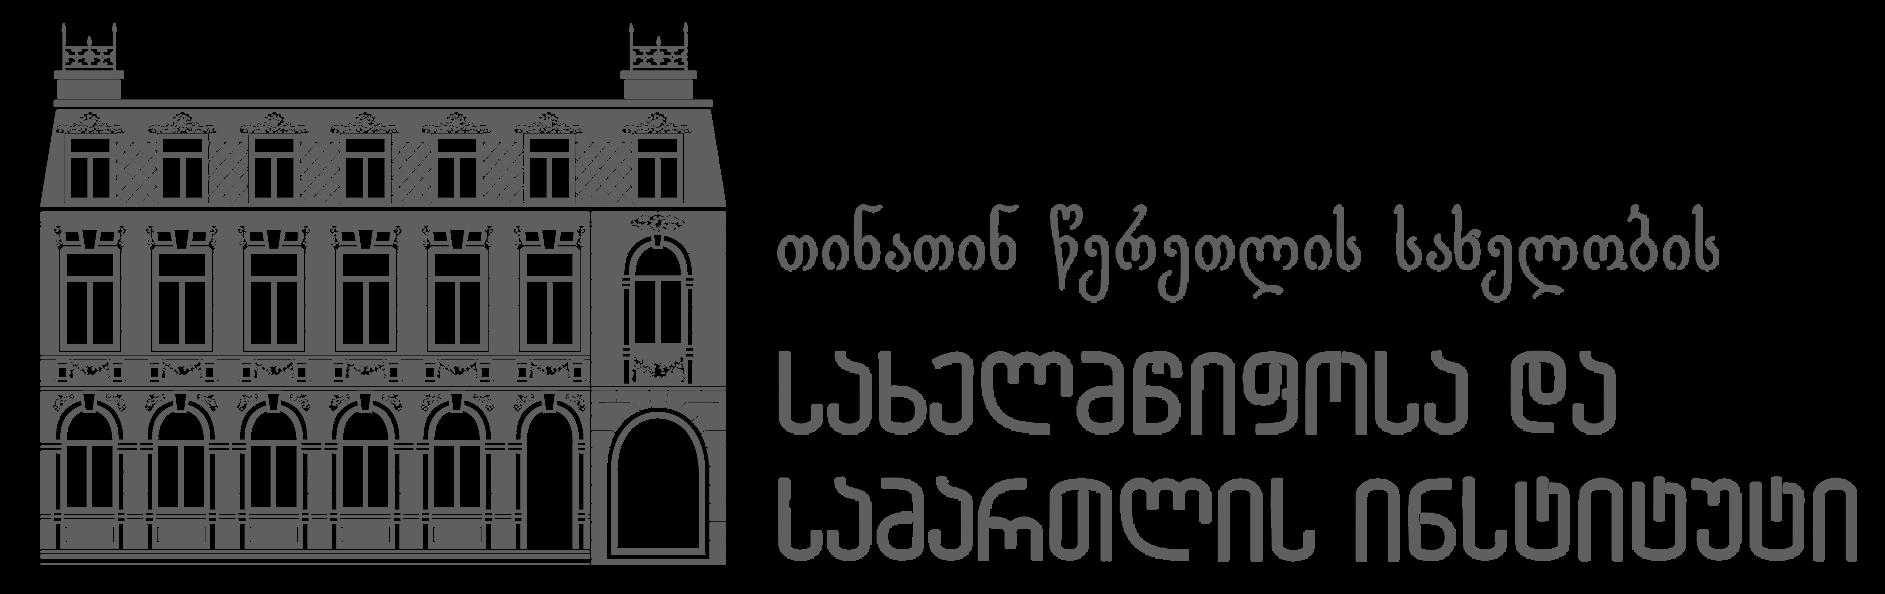 სახელმწიფოსა და სამართლის ინსტიტუტი